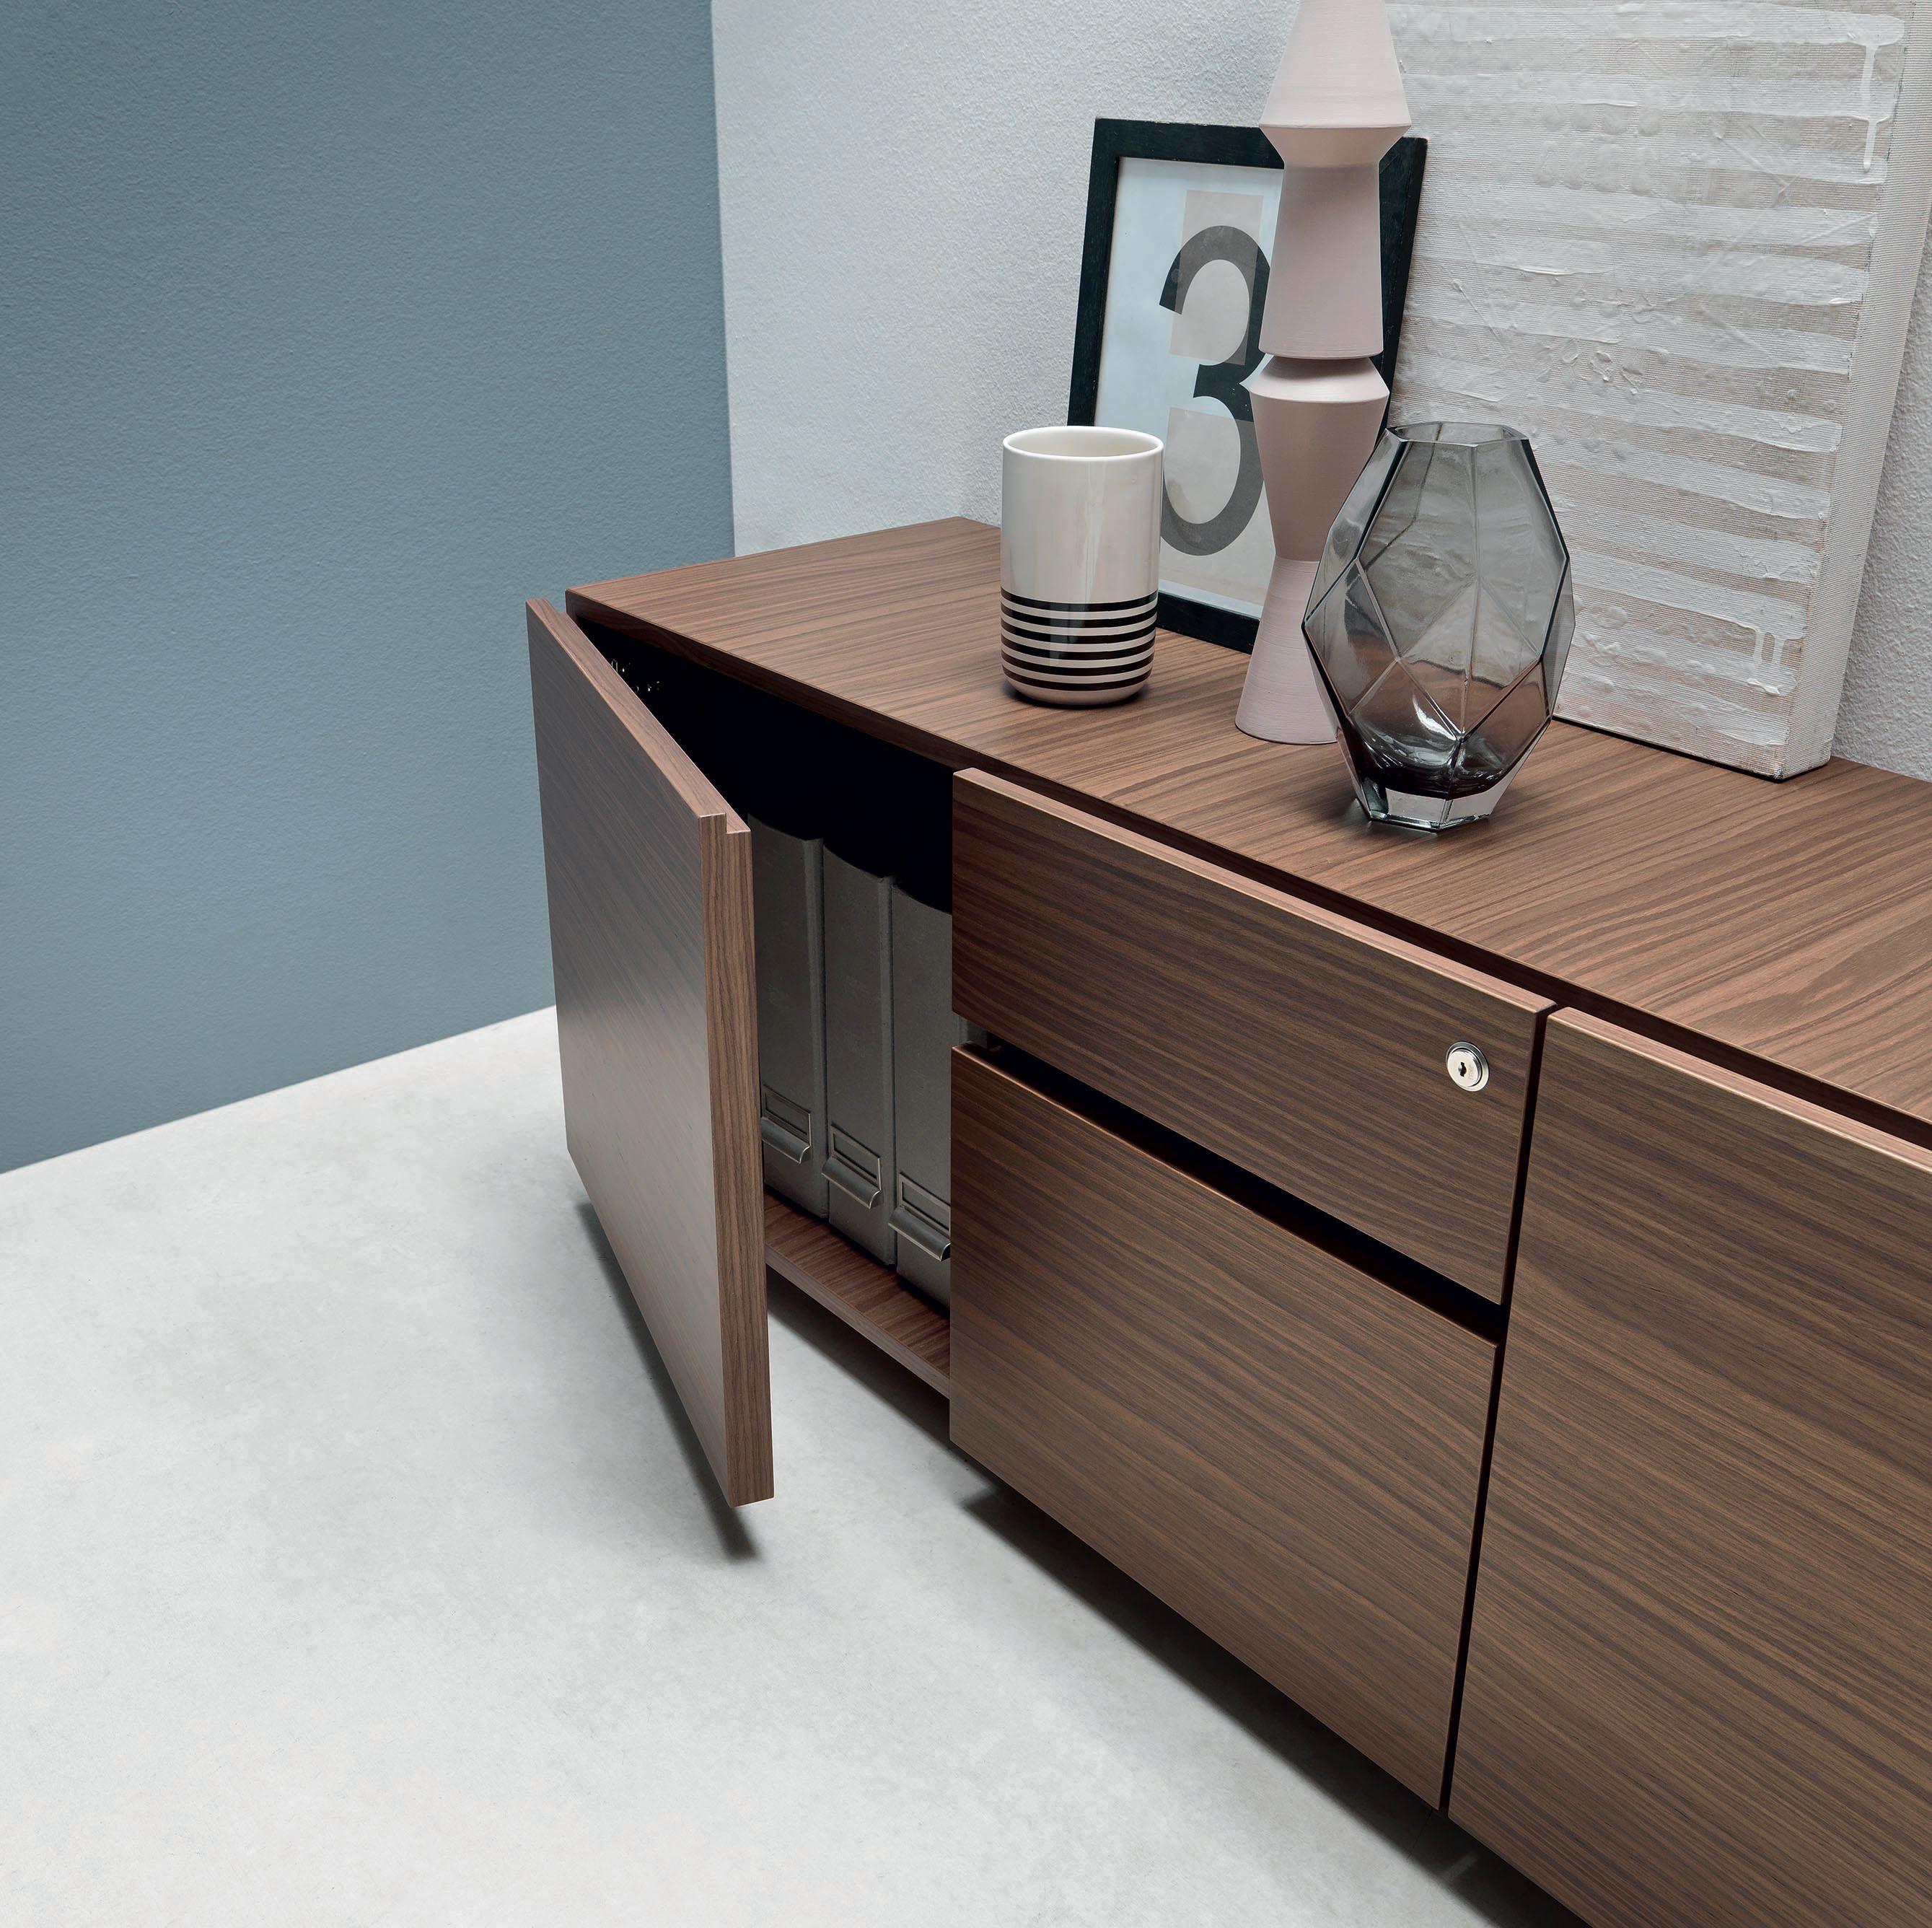 italian office desk. Martex Service Unit - Wood Venereed Walnut By Italian Office Furniture Desk K